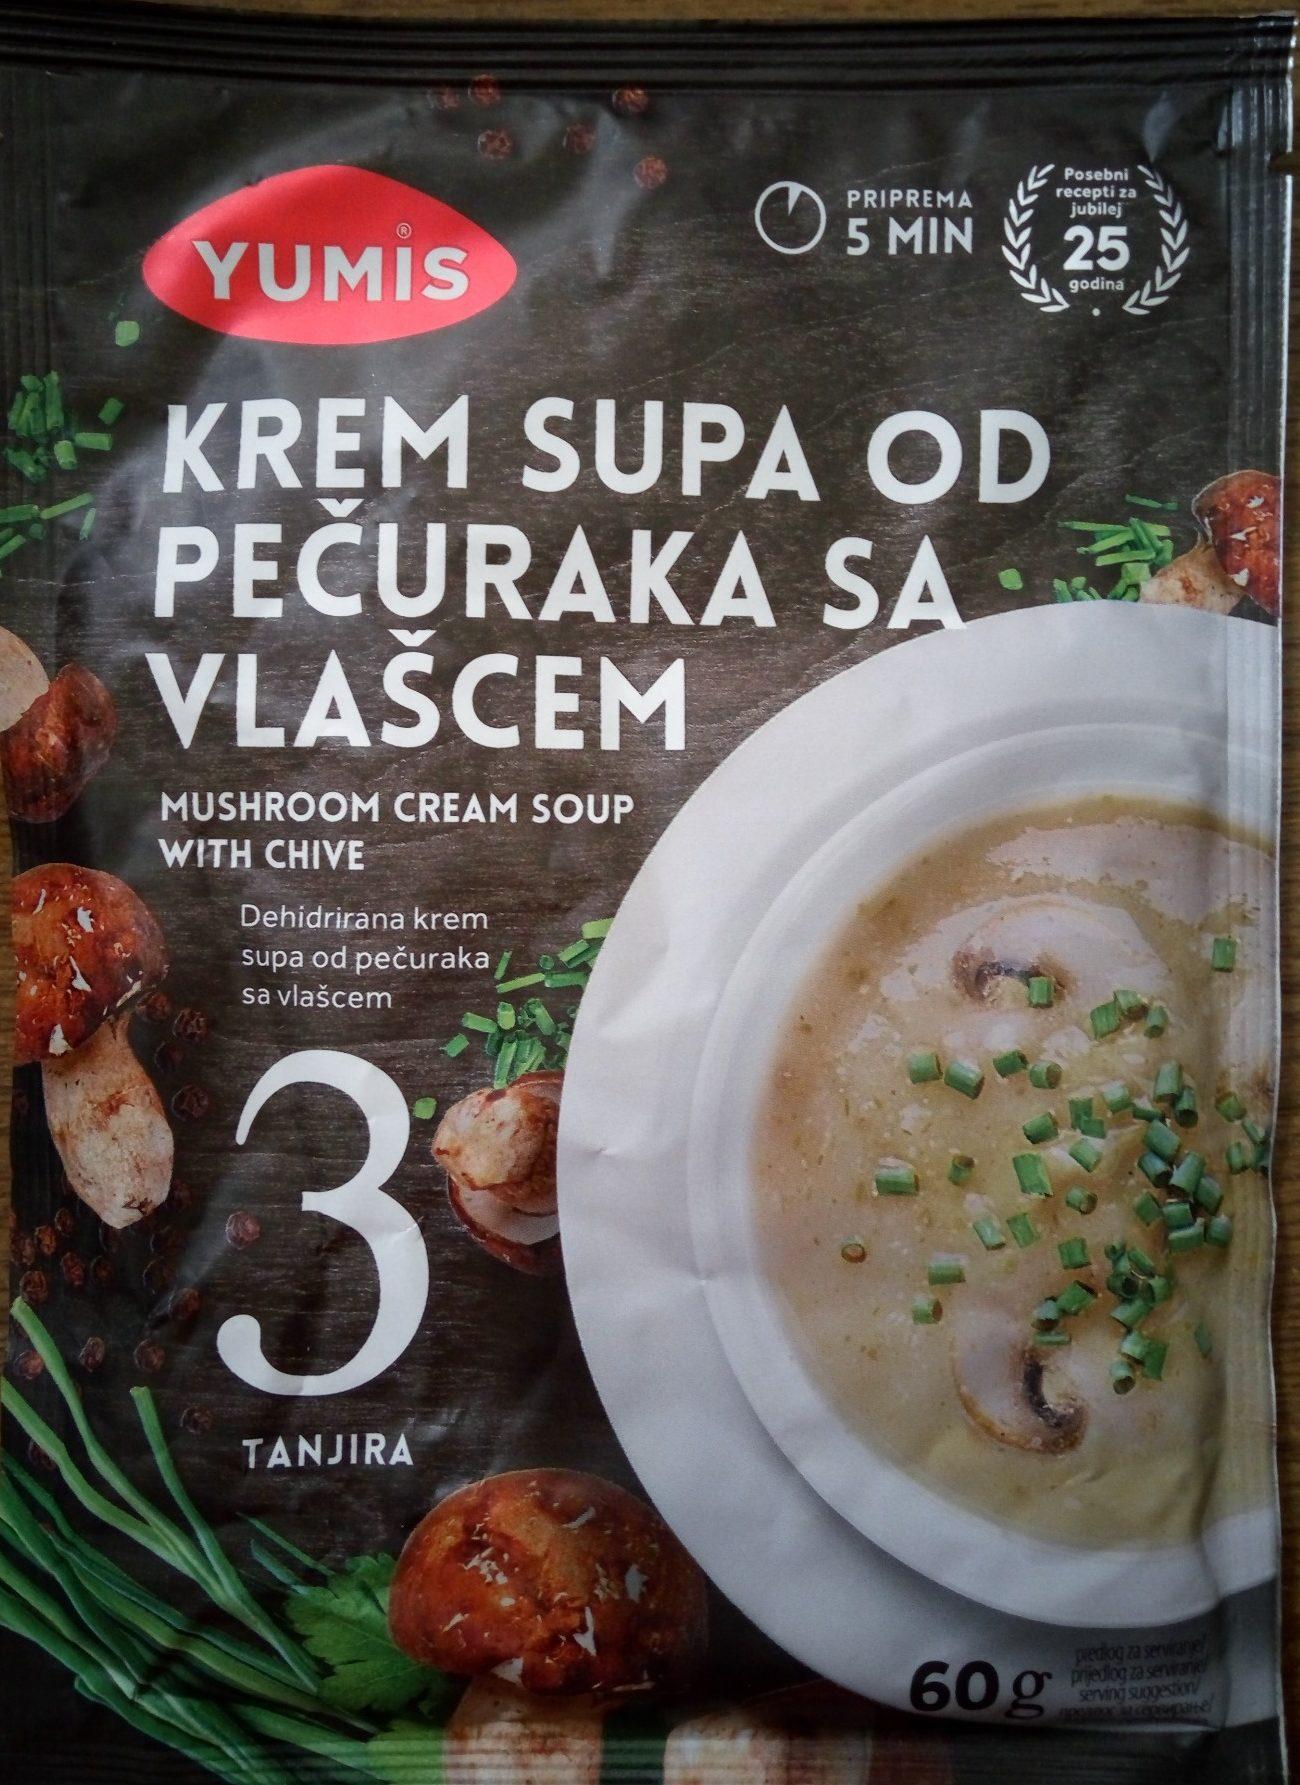 Krem supa od pečuraka sa vlašcem - Product - sr